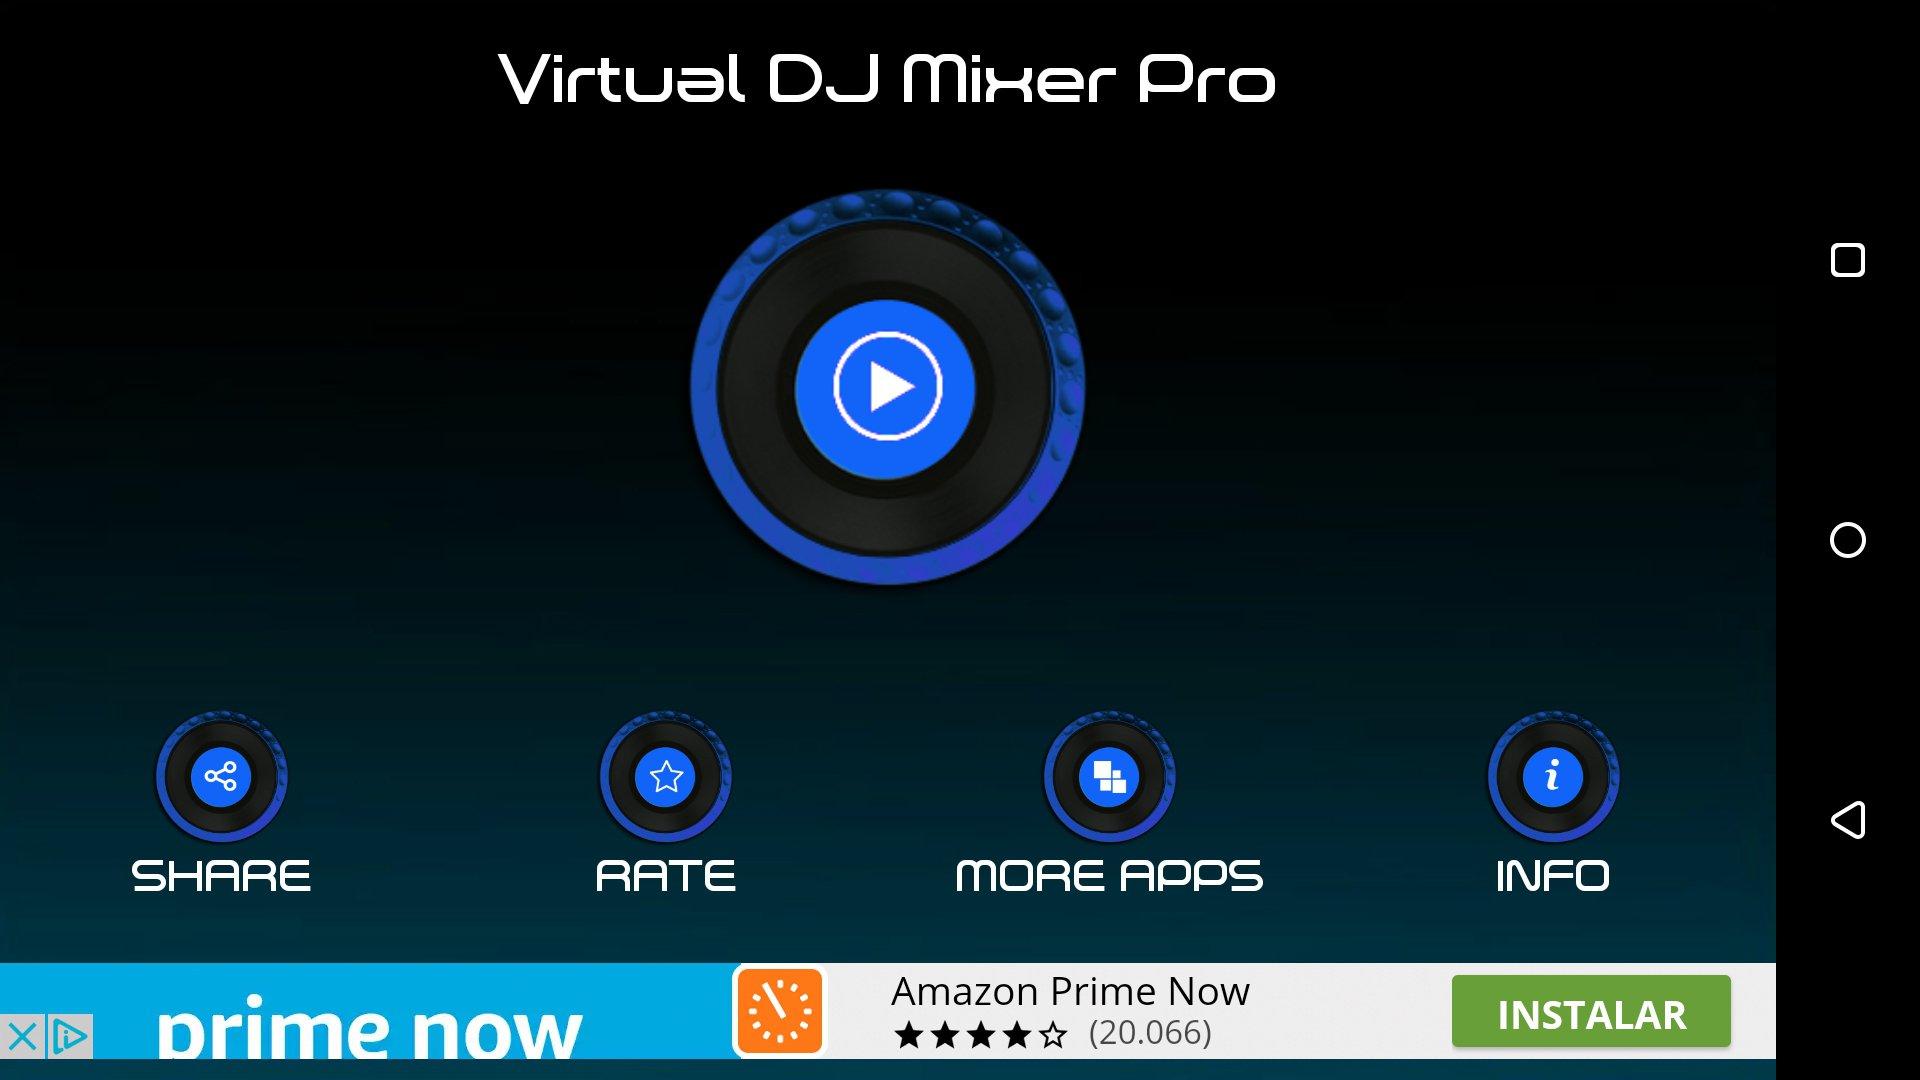 Virtual DJ Mixer Pro for Windows 7/8/8 1/10/XP/Vista/MAC OS/Laptop